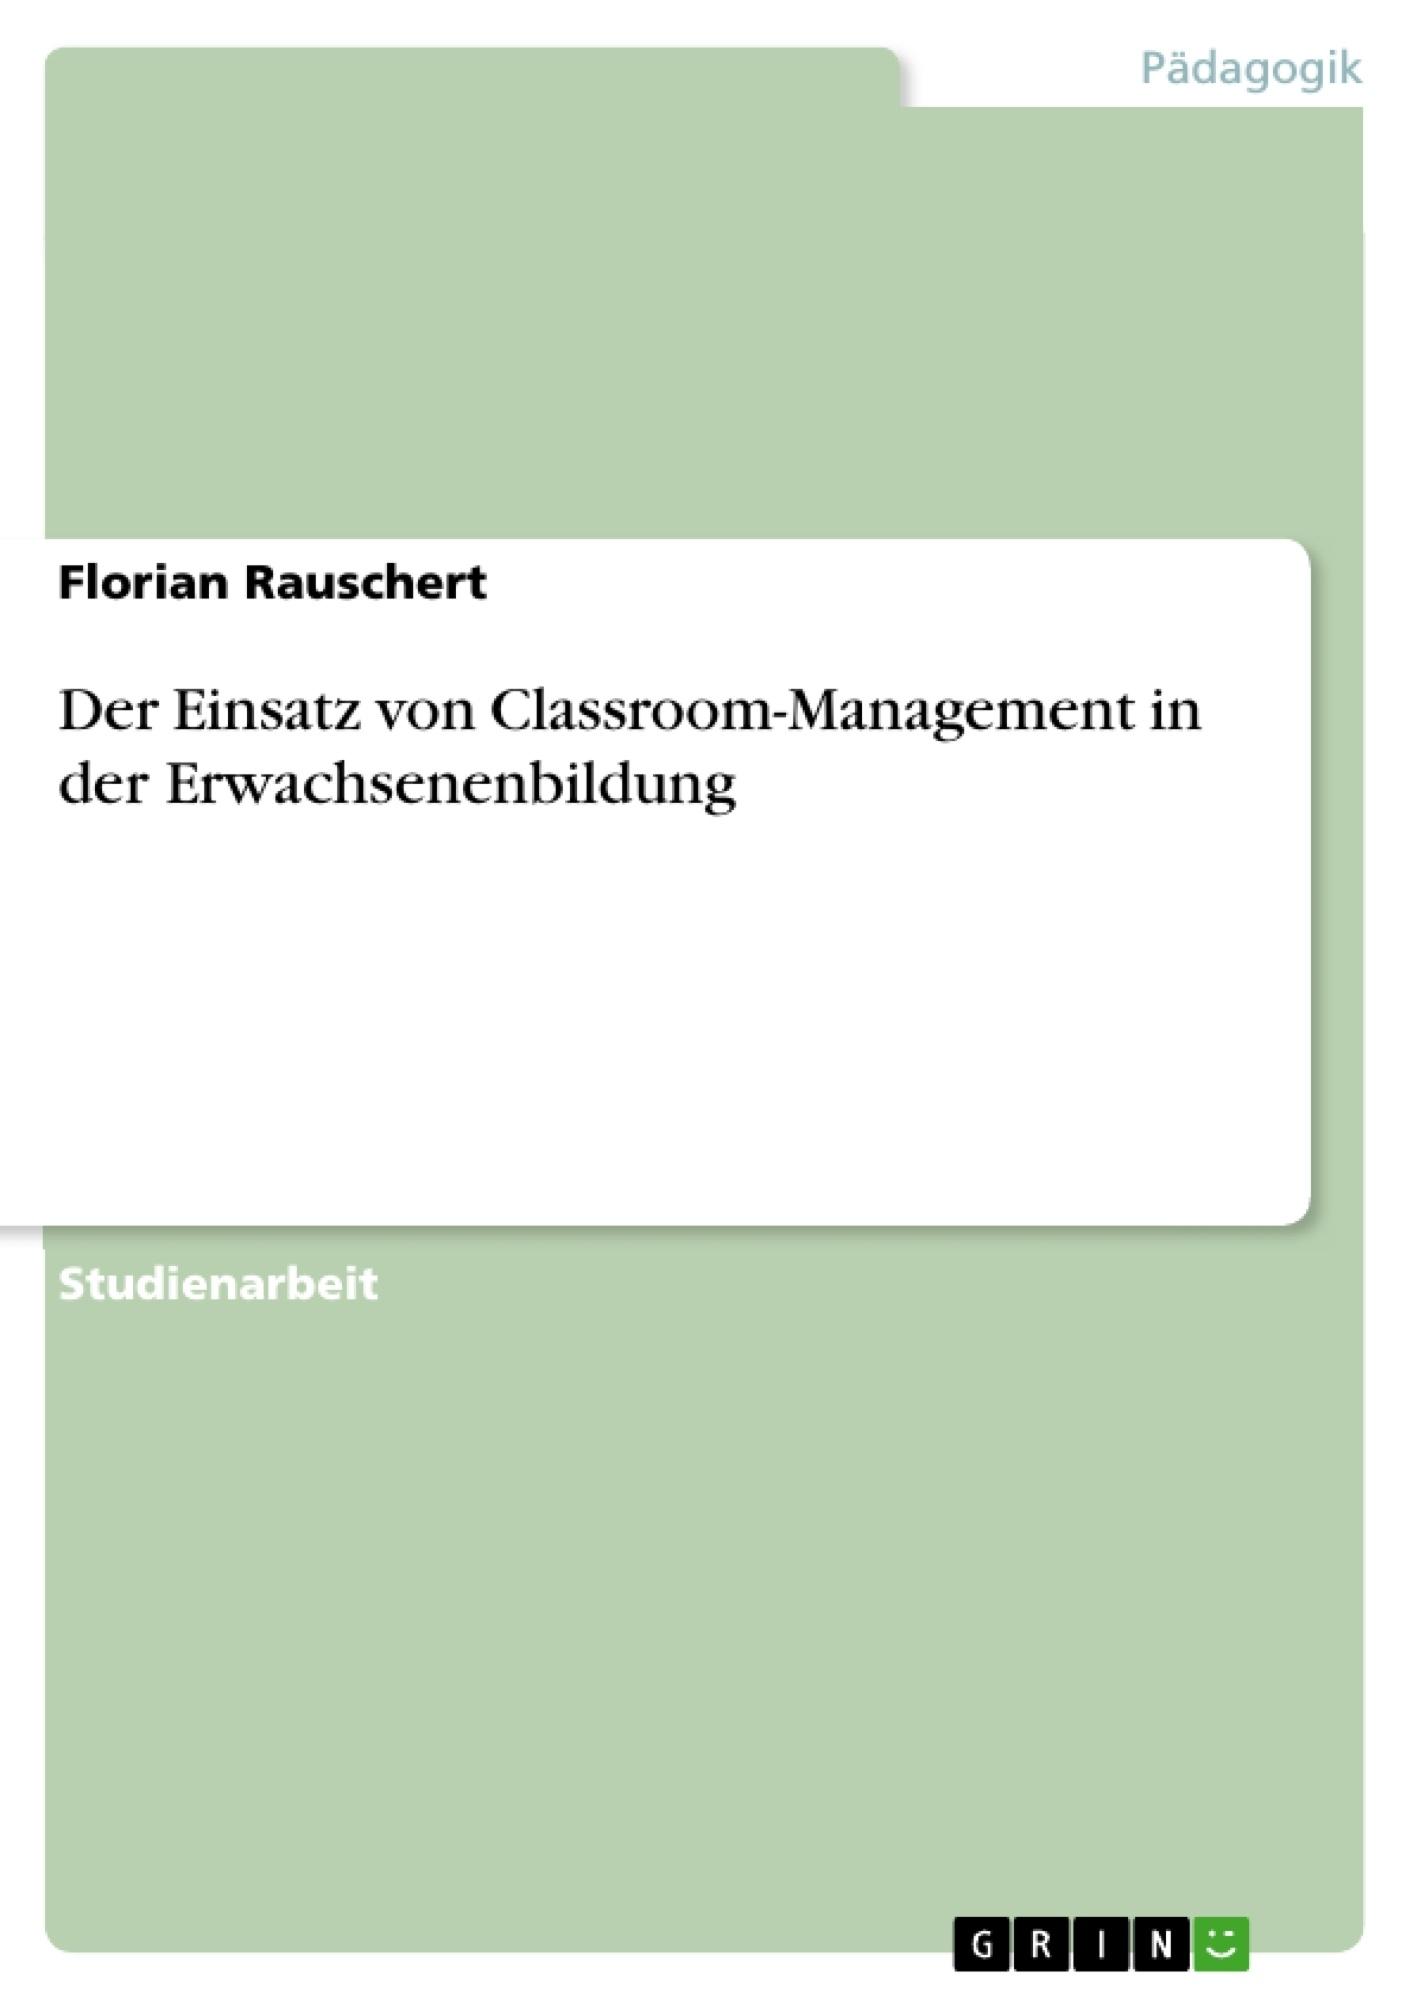 Titel: Der Einsatz von Classroom-Management in der Erwachsenenbildung